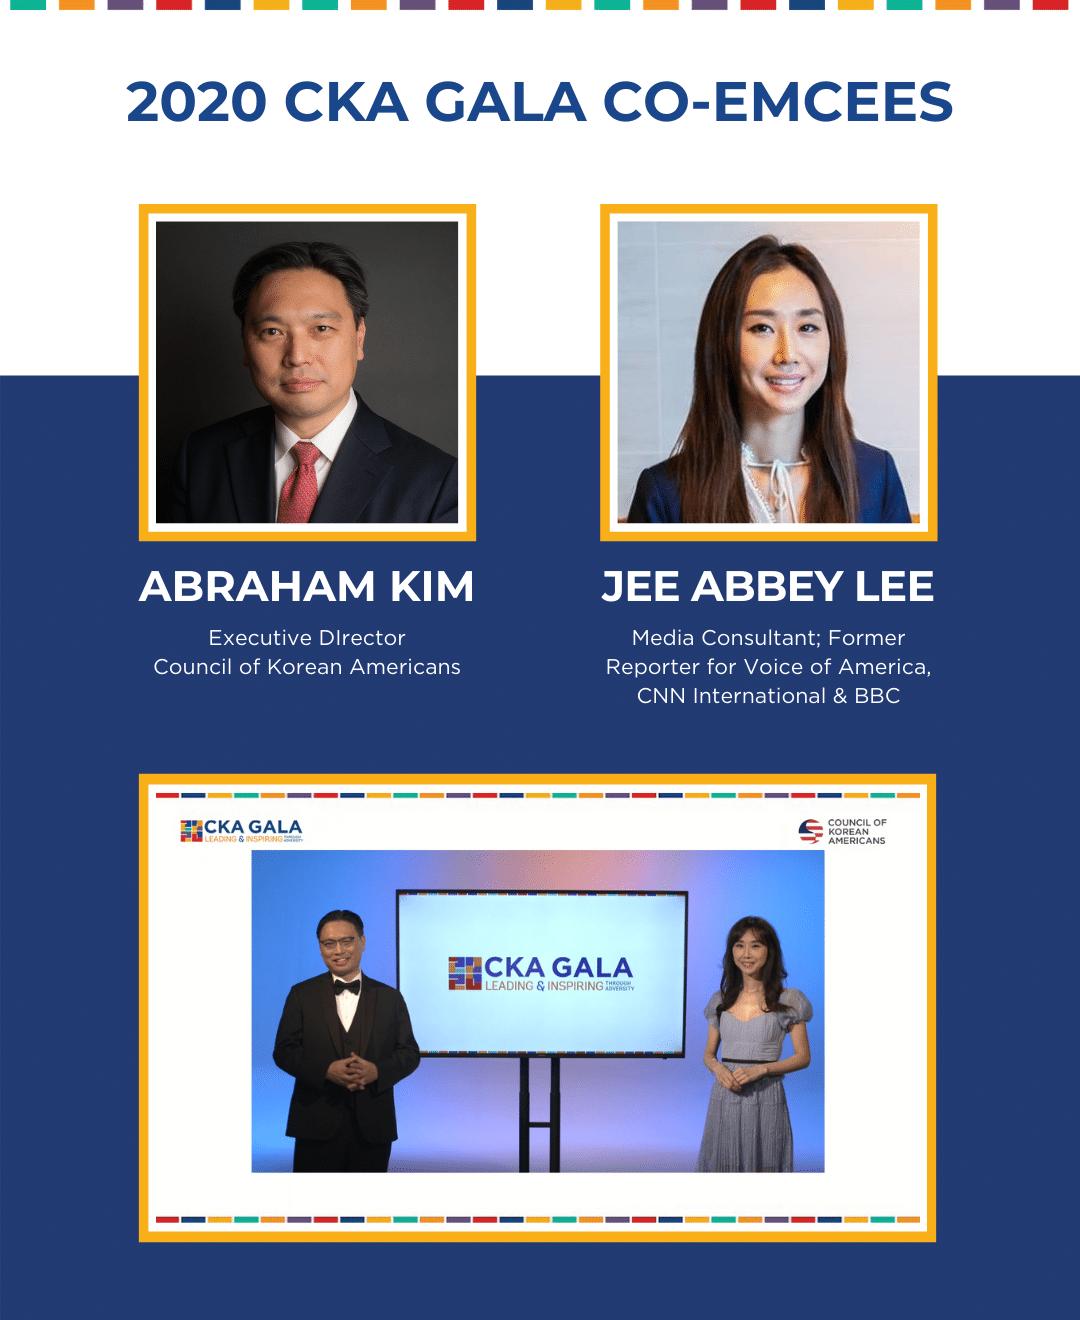 2020 CKA Gala Co-Emcees